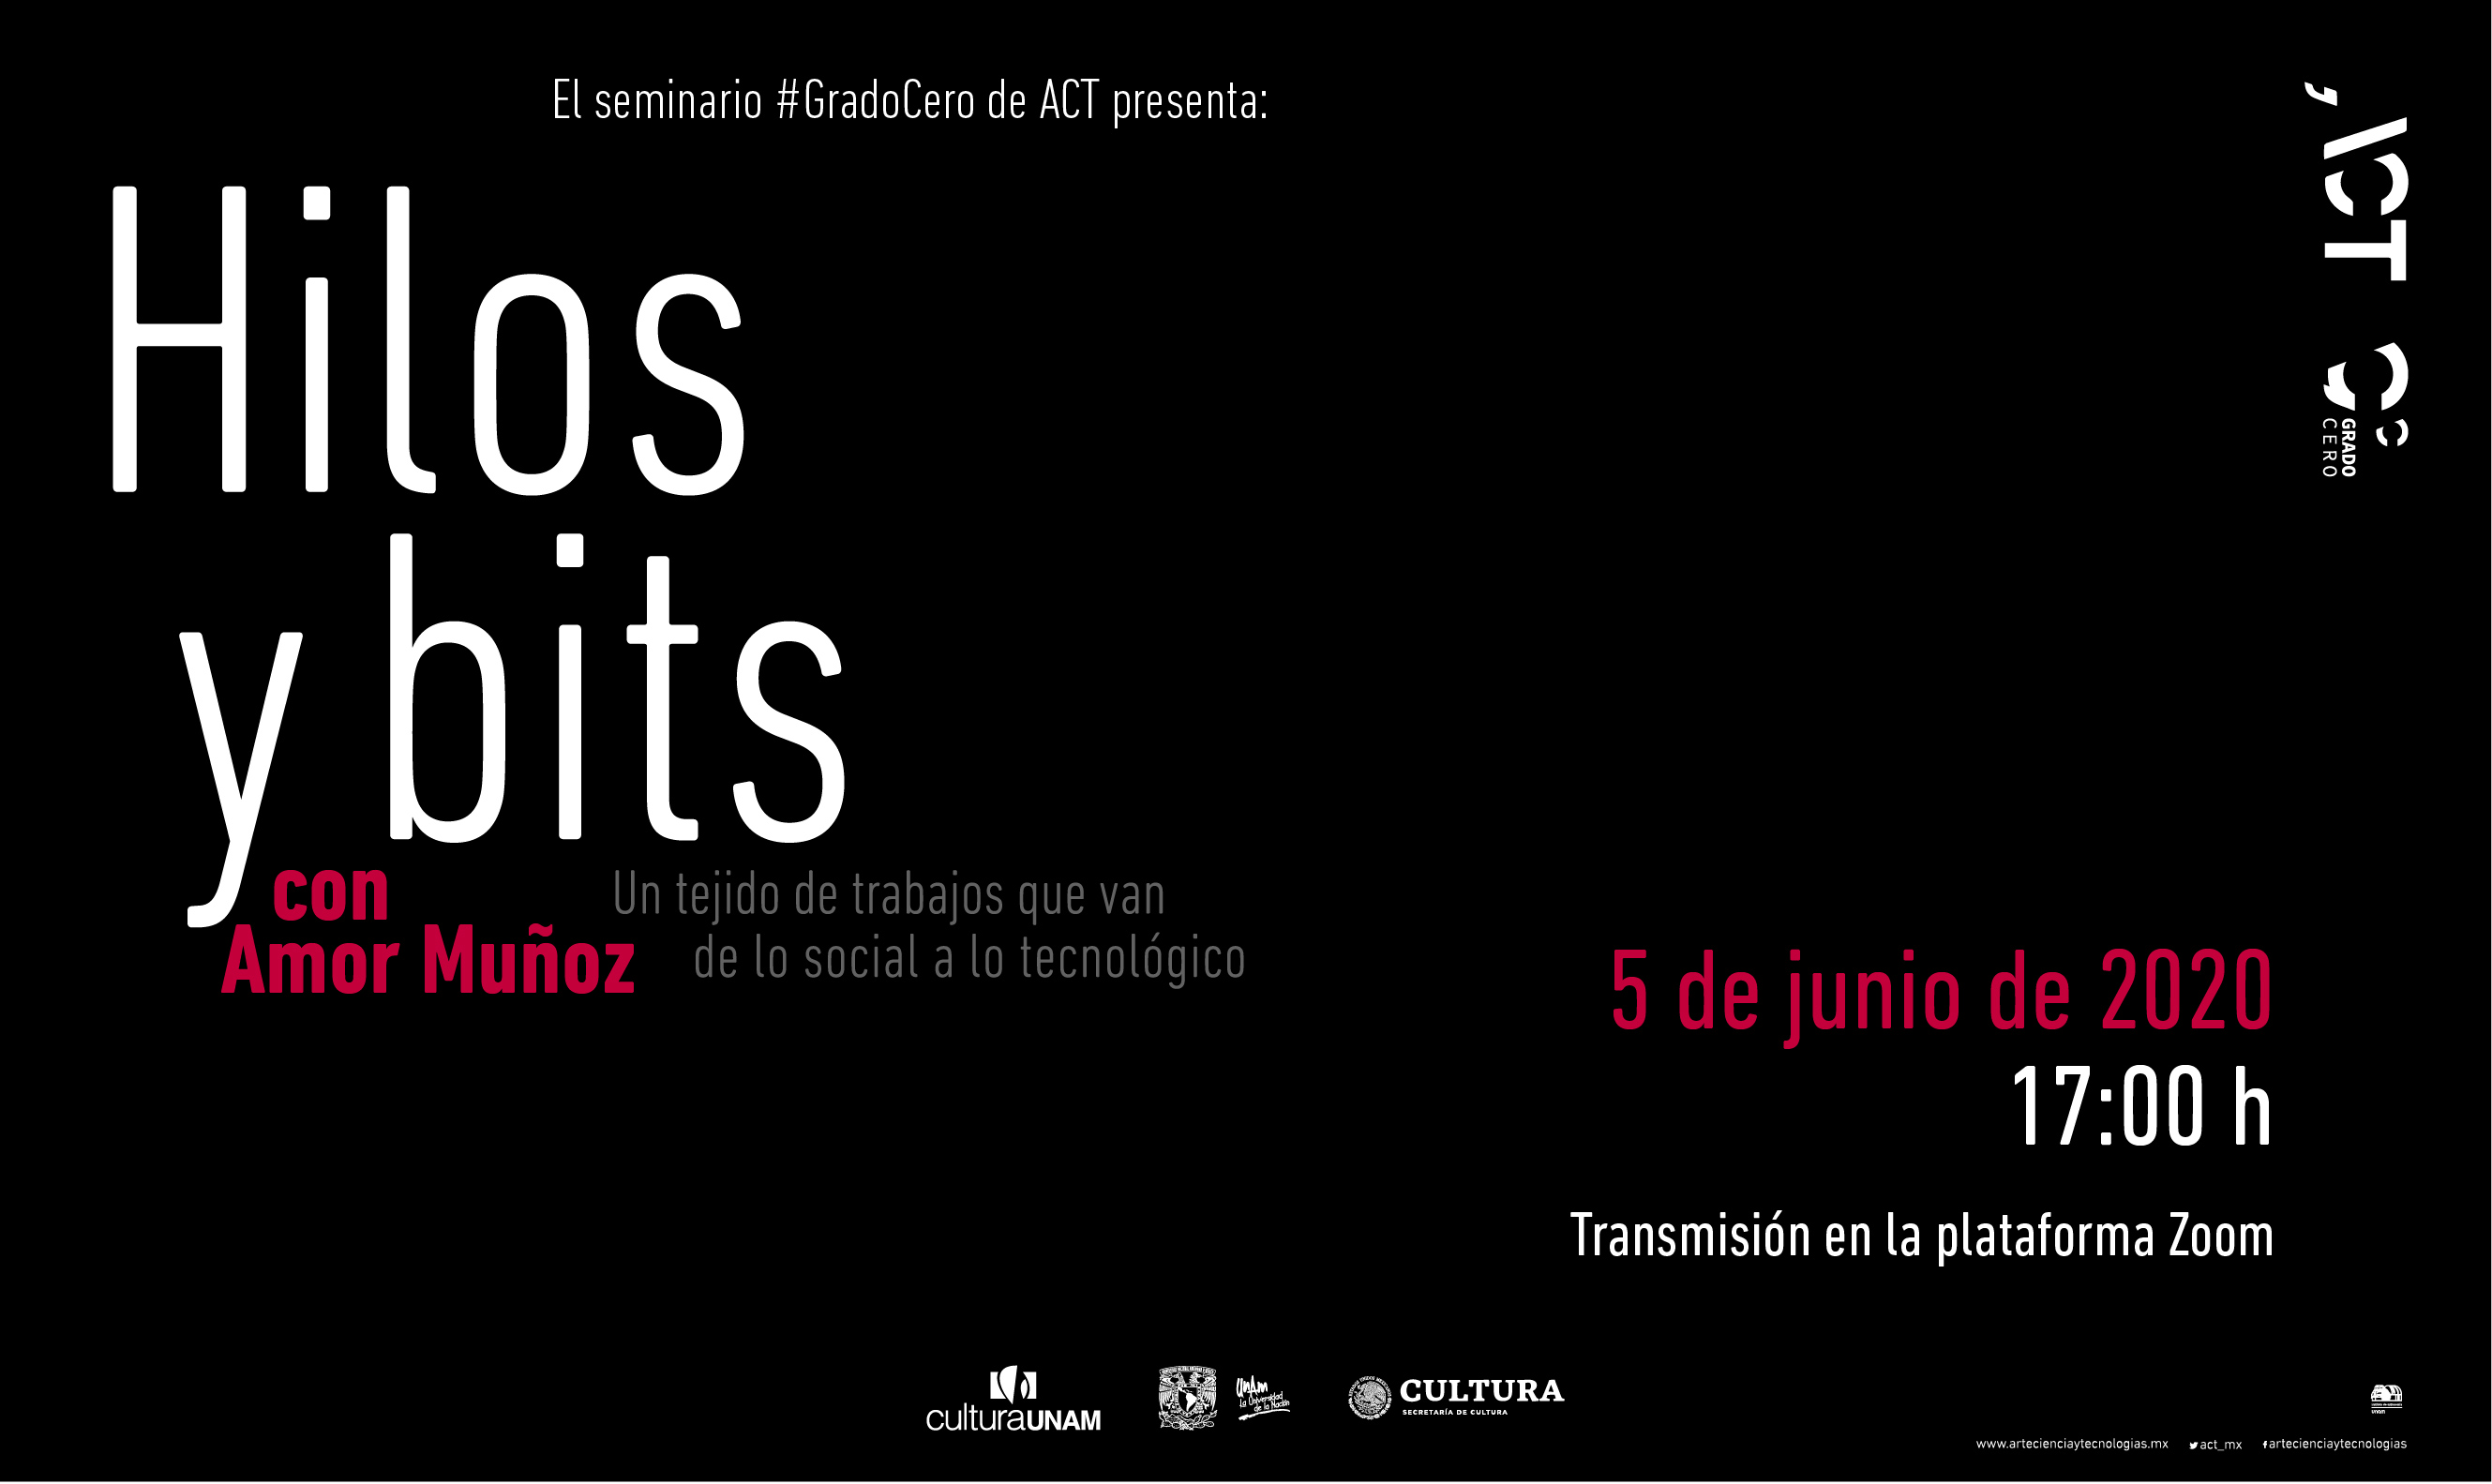 Grado Cero: Hilos y bits, un tejido de trabajos que van de lo social a lo tecnológico